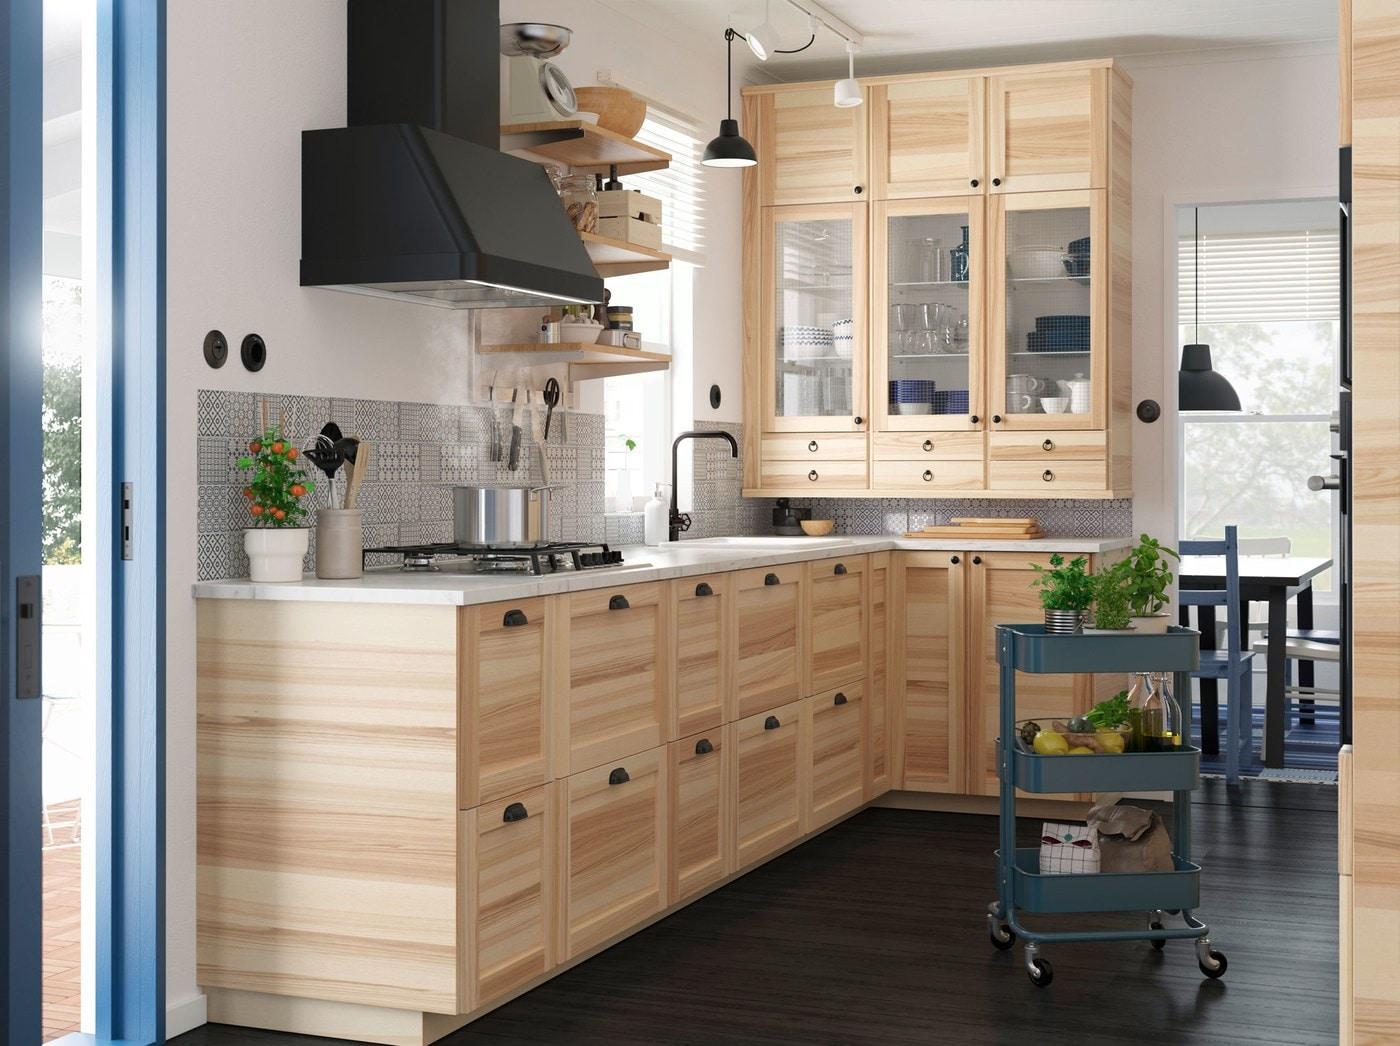 مطبخ به خزائن قاعدة وخزائن حائط TORHAMN من خشب الدردار المصمت مع أدراج وأبواب، وشفاط أسود وعربة RÅGSKOG زرقاء.